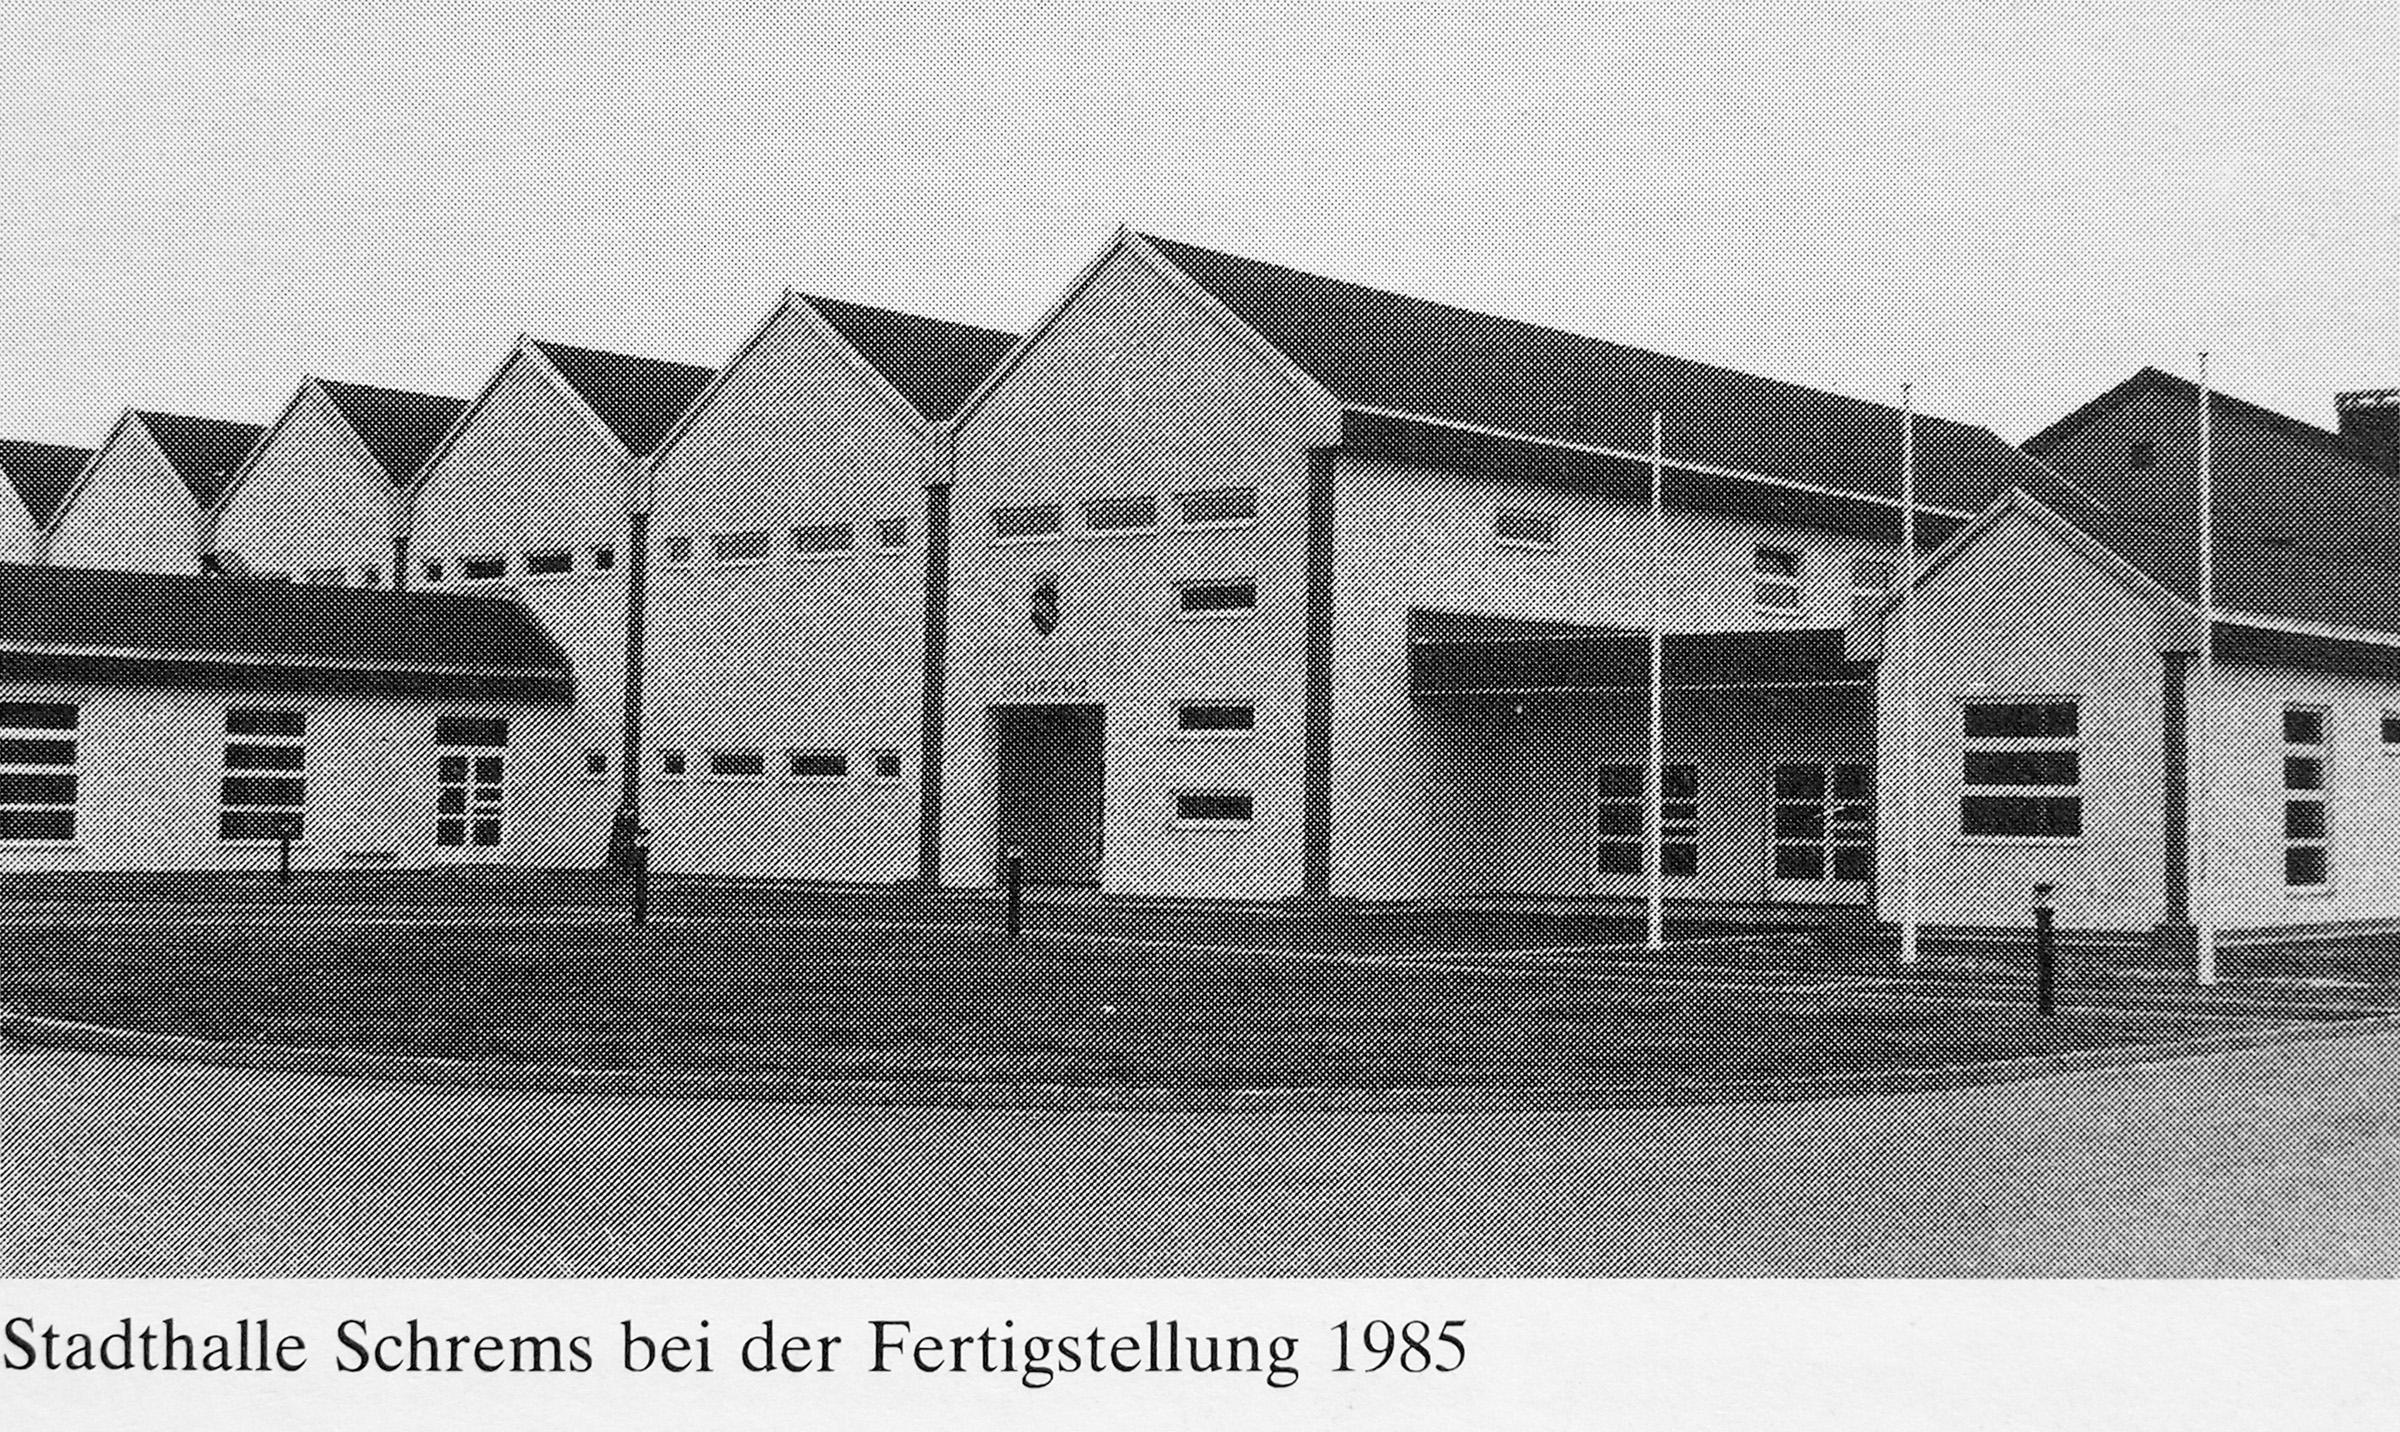 Stadthalle Schrems 1985.jpg